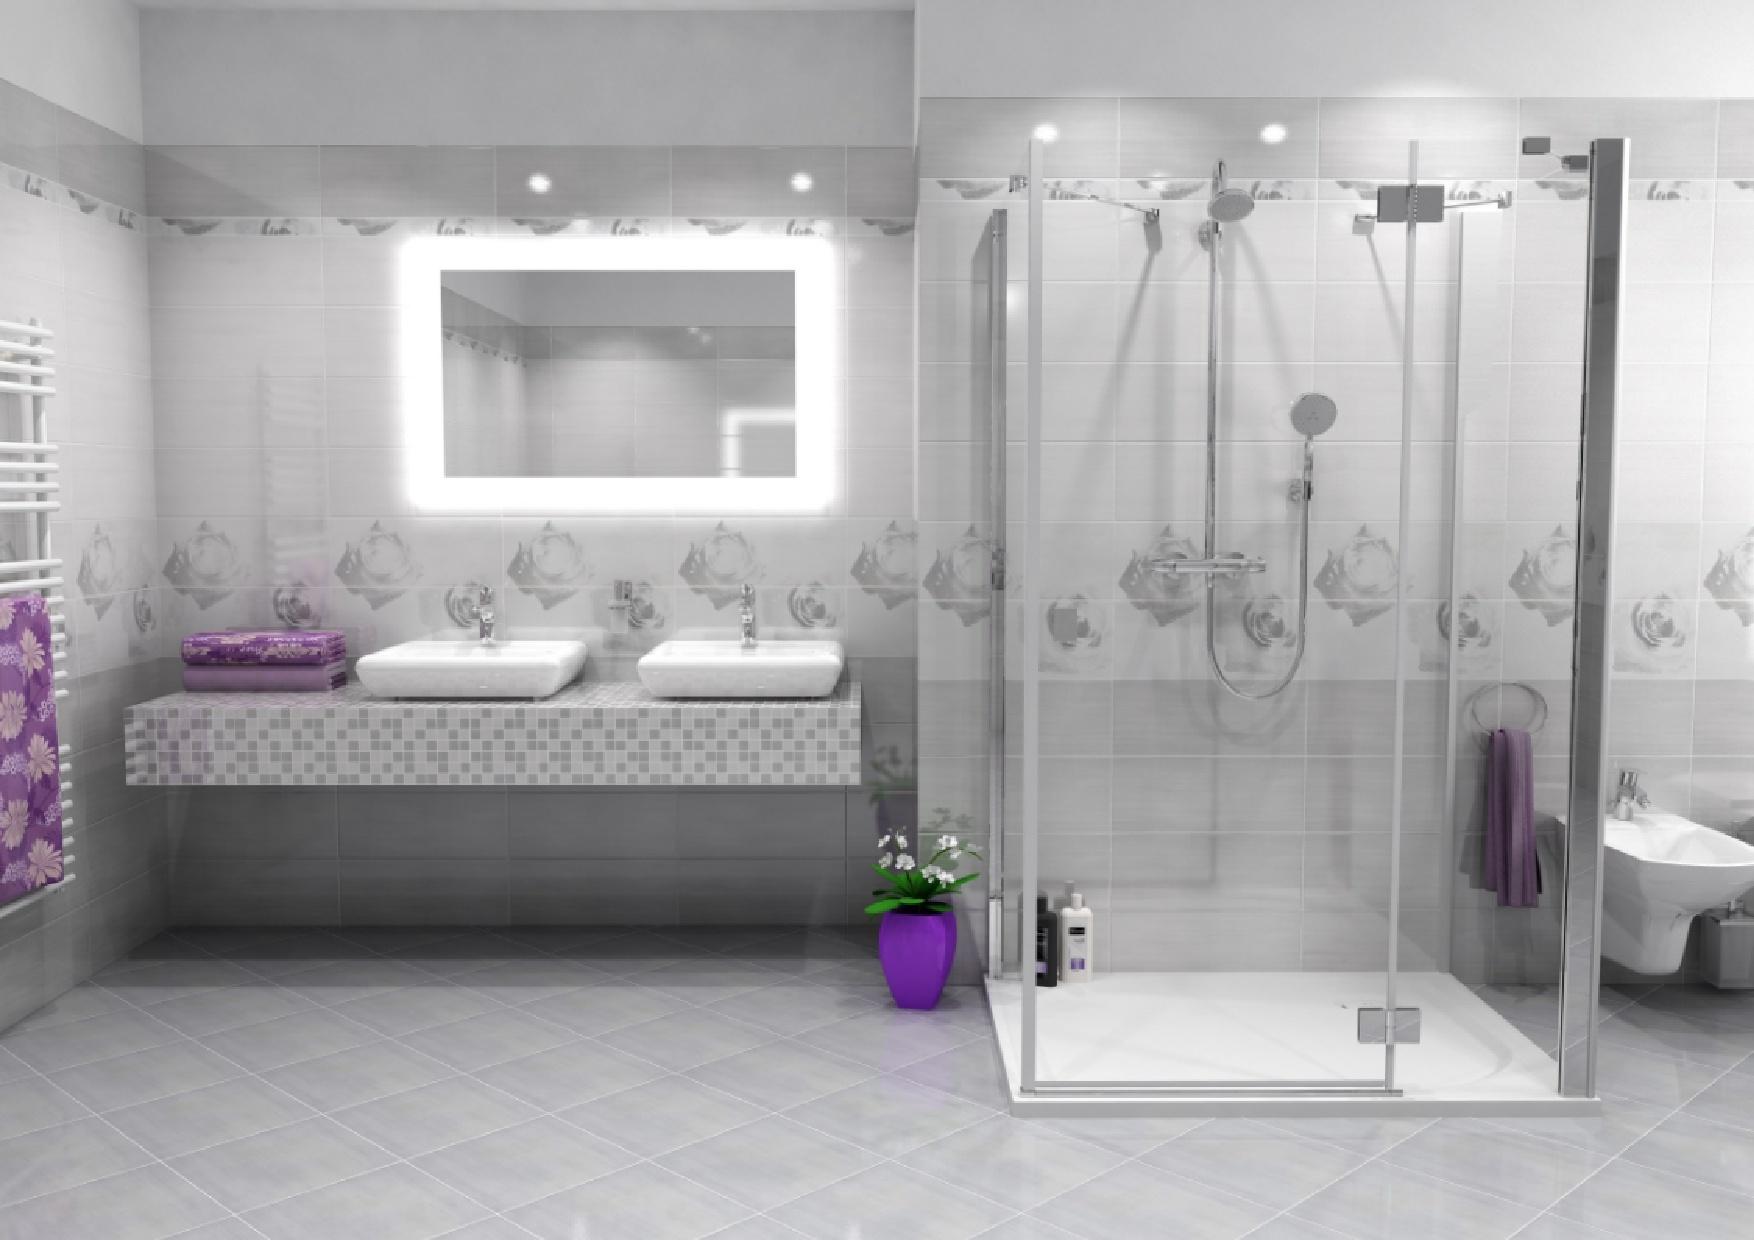 Zrcadla S Led Osvětlením Do Koupelny Sanimat